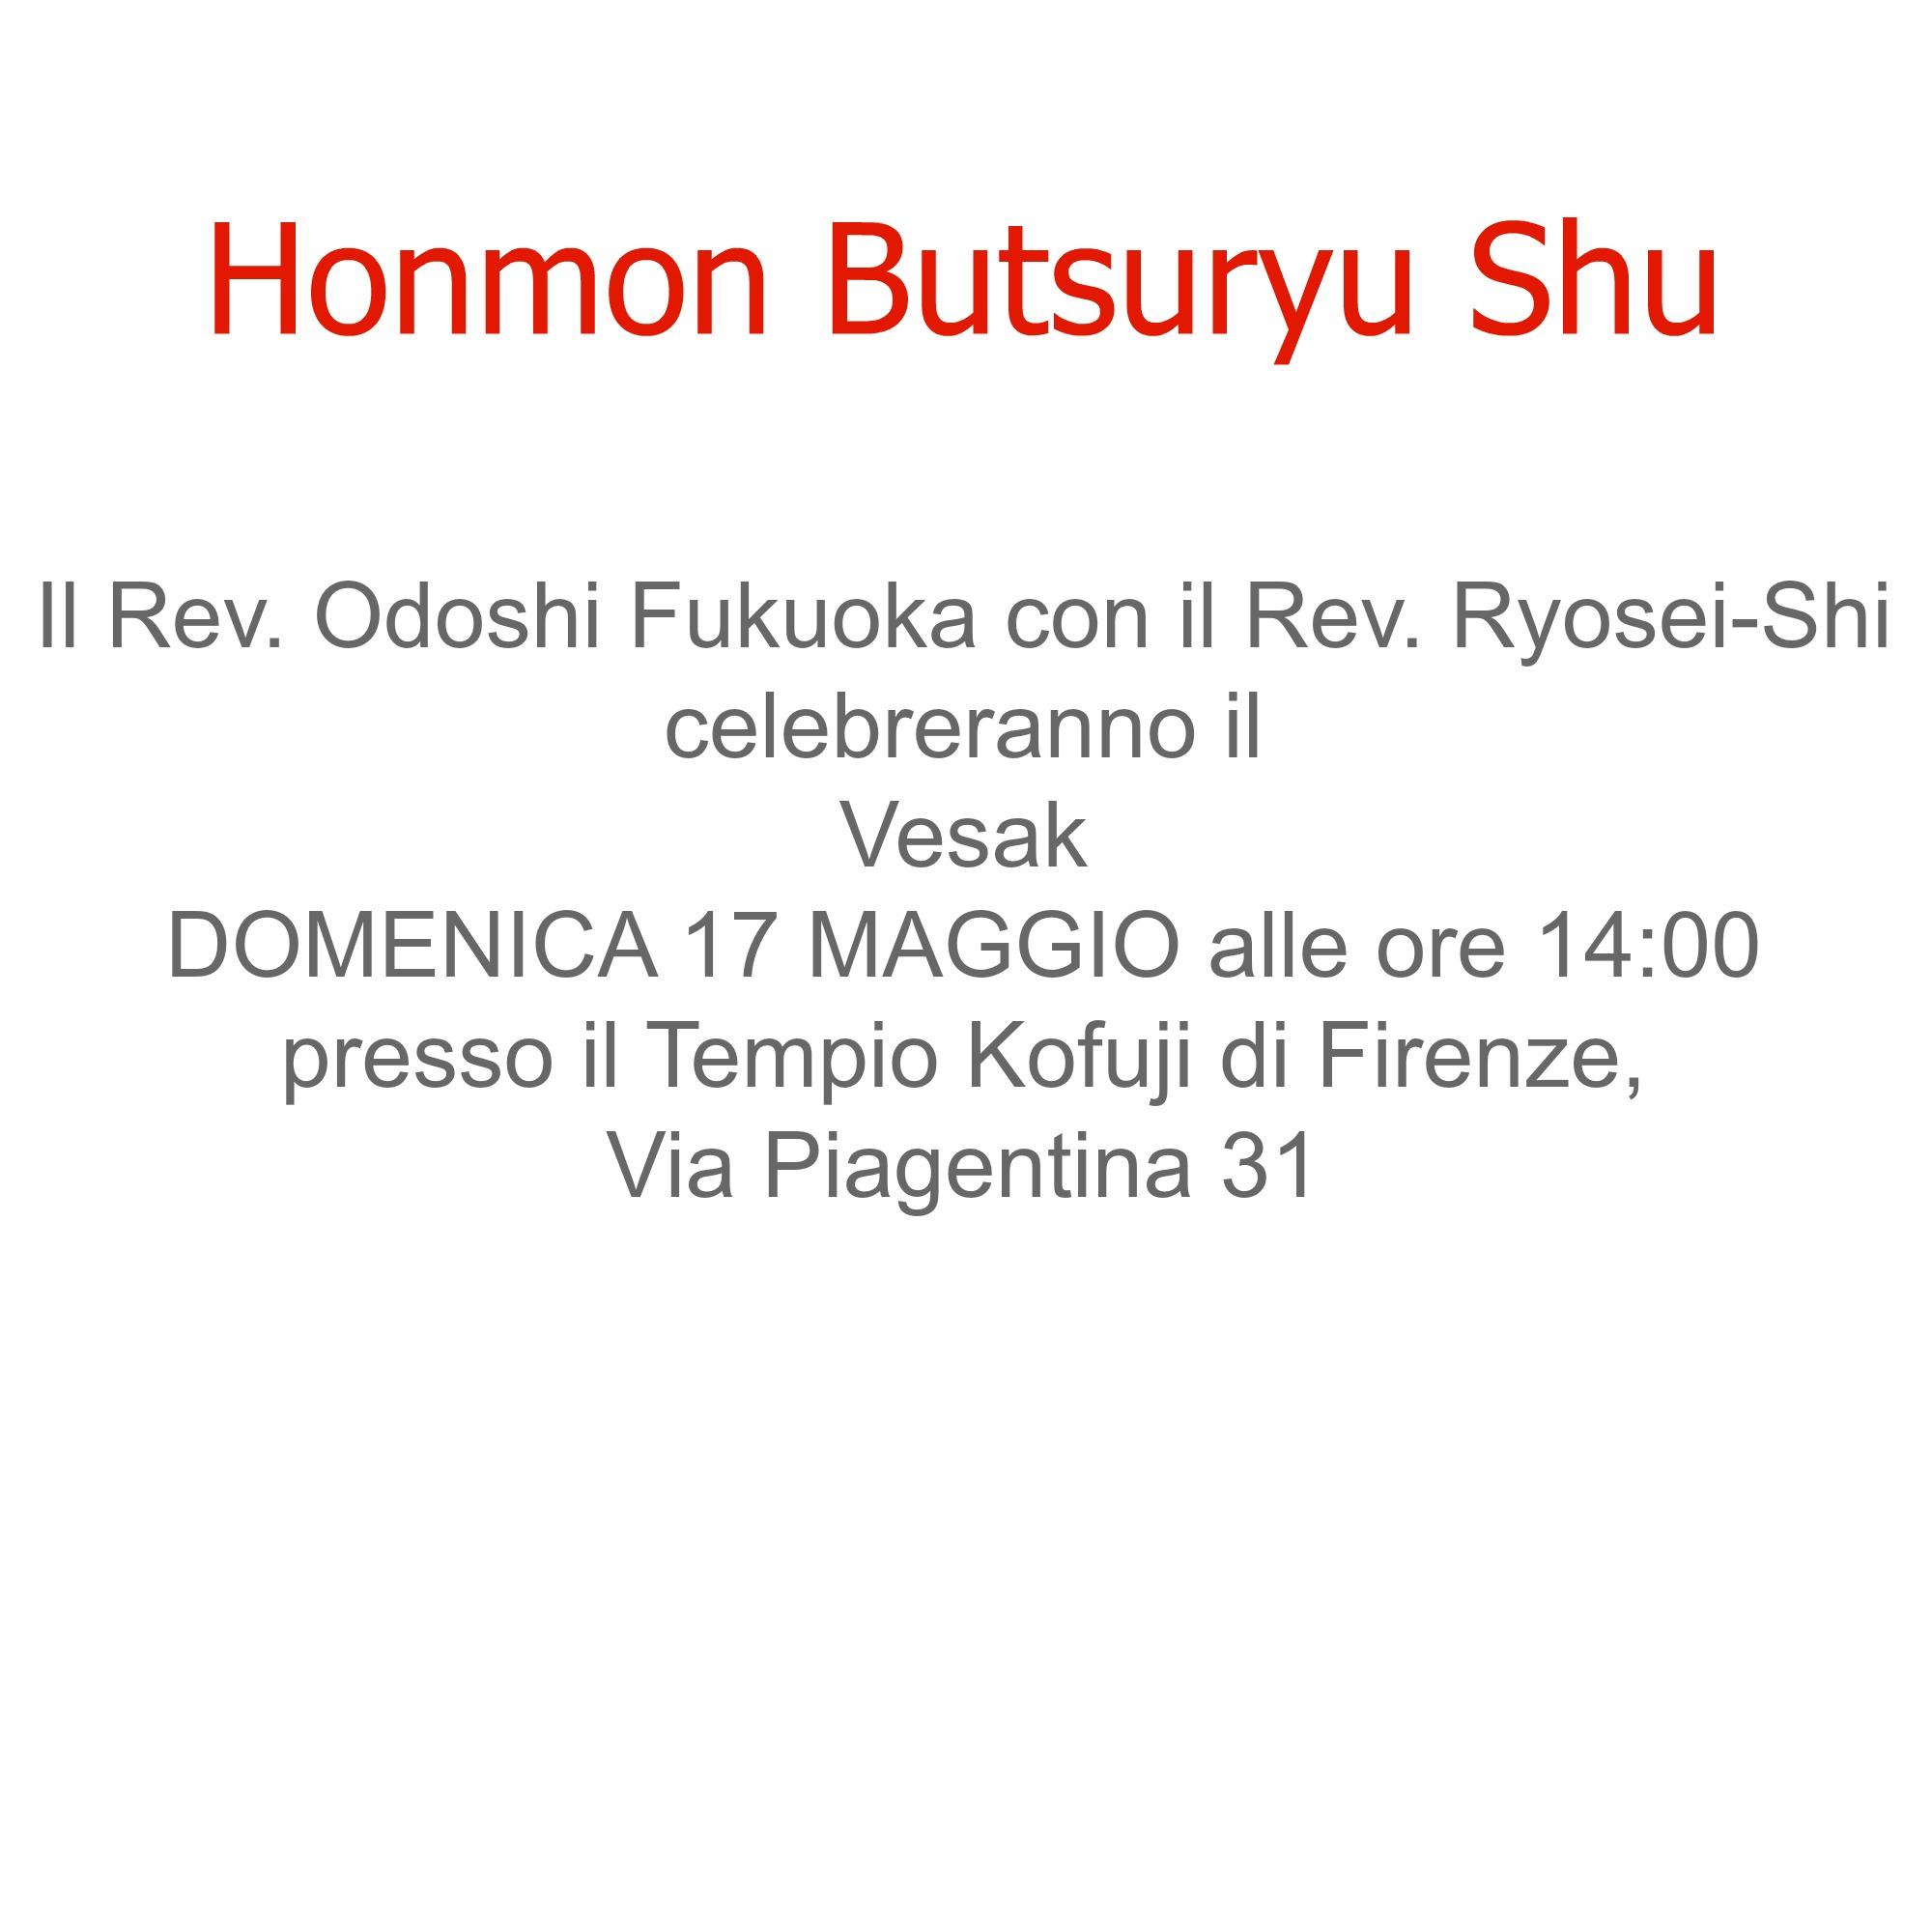 Honmon Butsuryu Shu